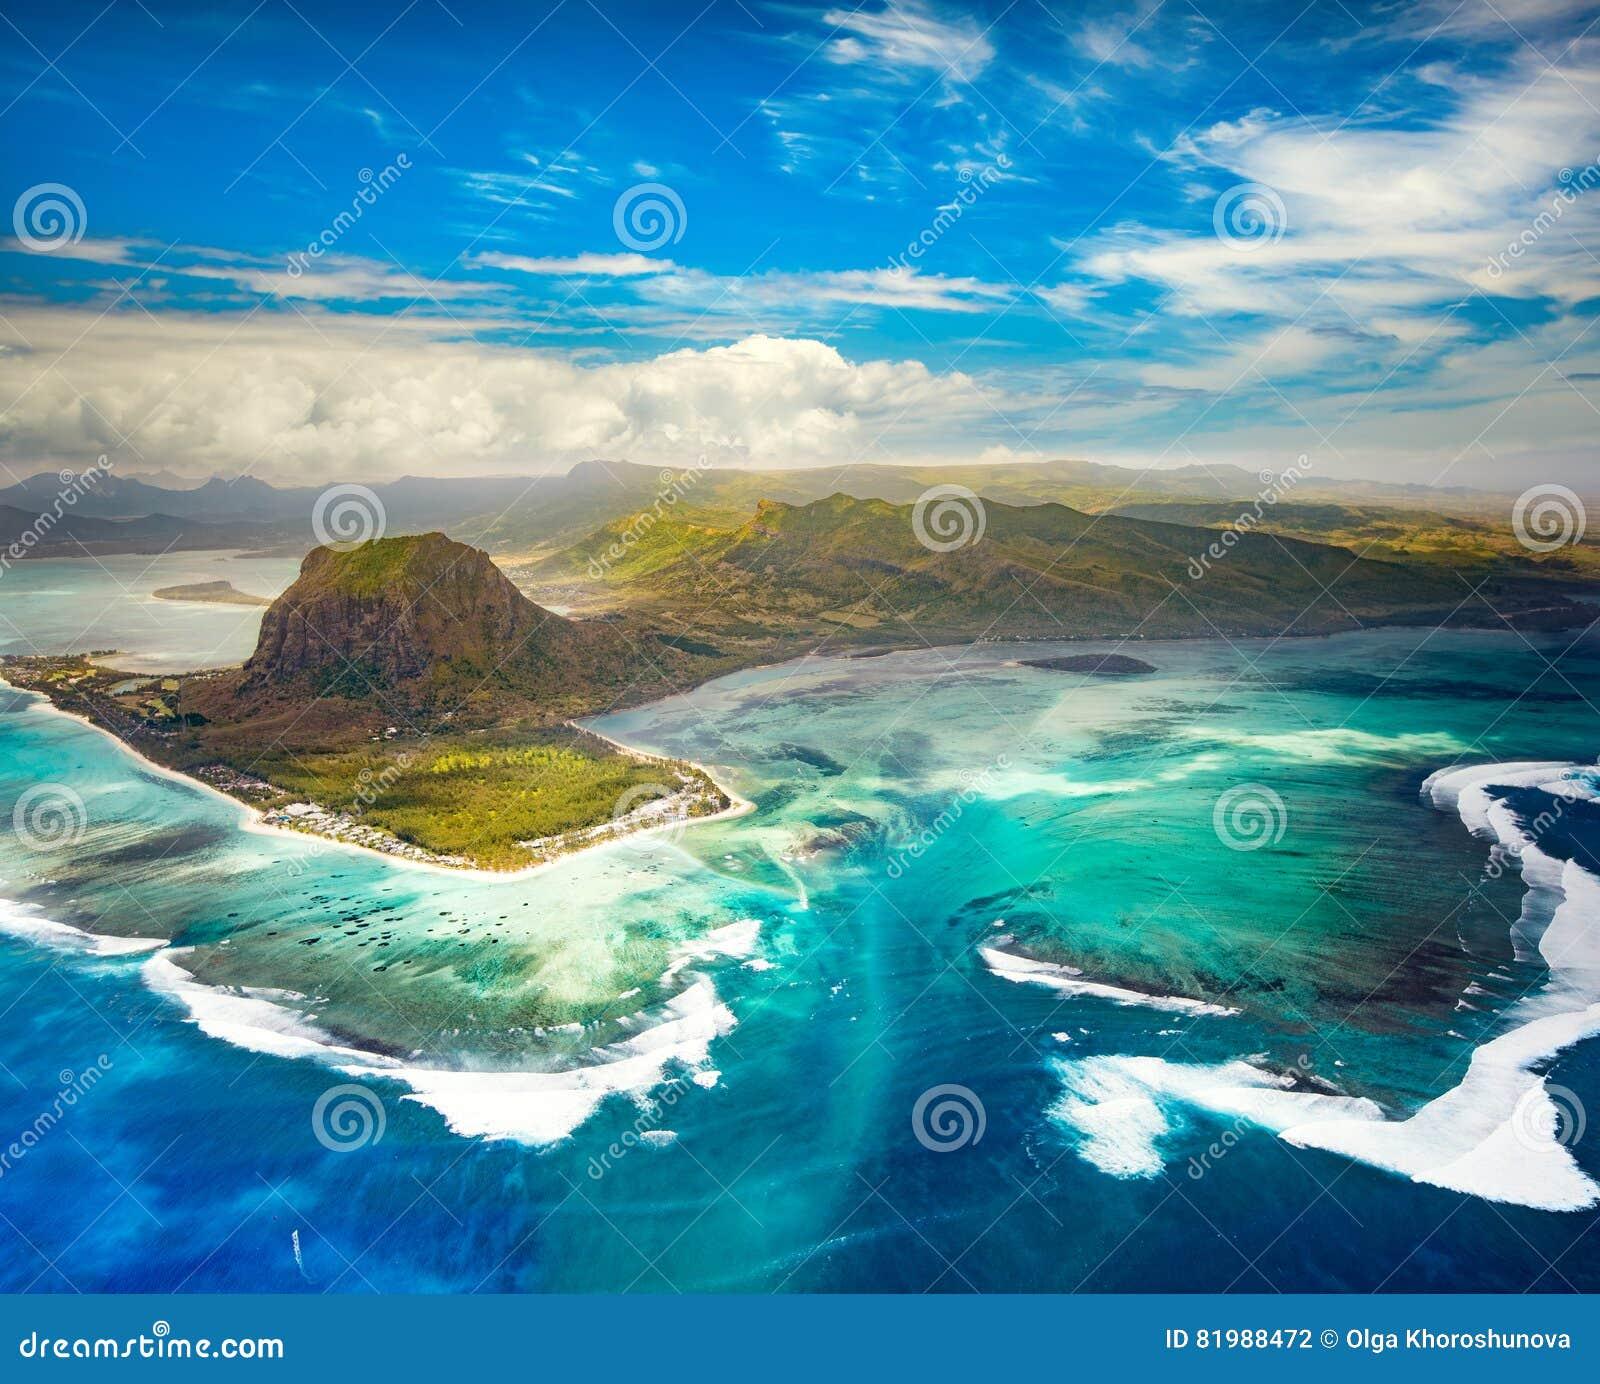 水下的瀑布的鸟瞰图 毛里求斯